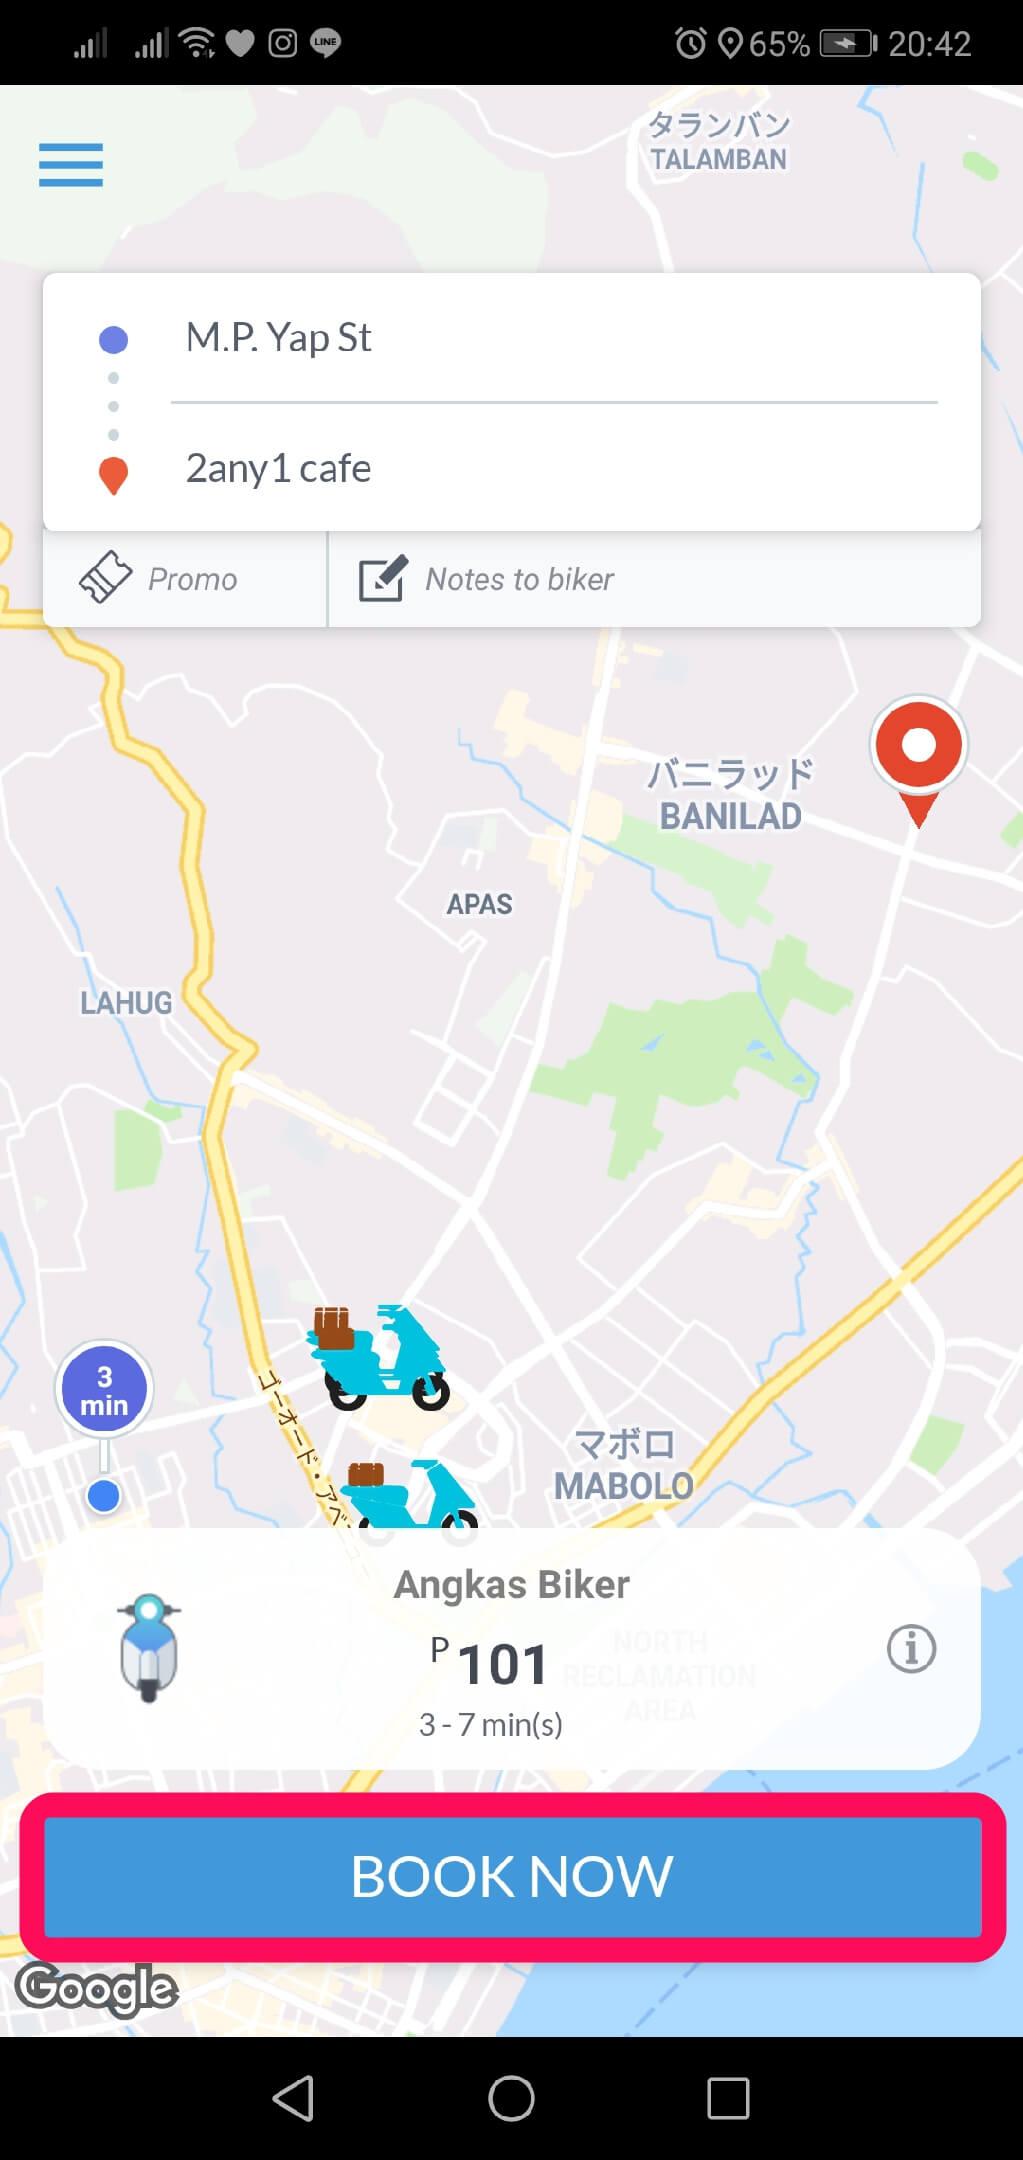 「BOOK NOW」で近くのAngkas(アンカス)のドライバーを探す